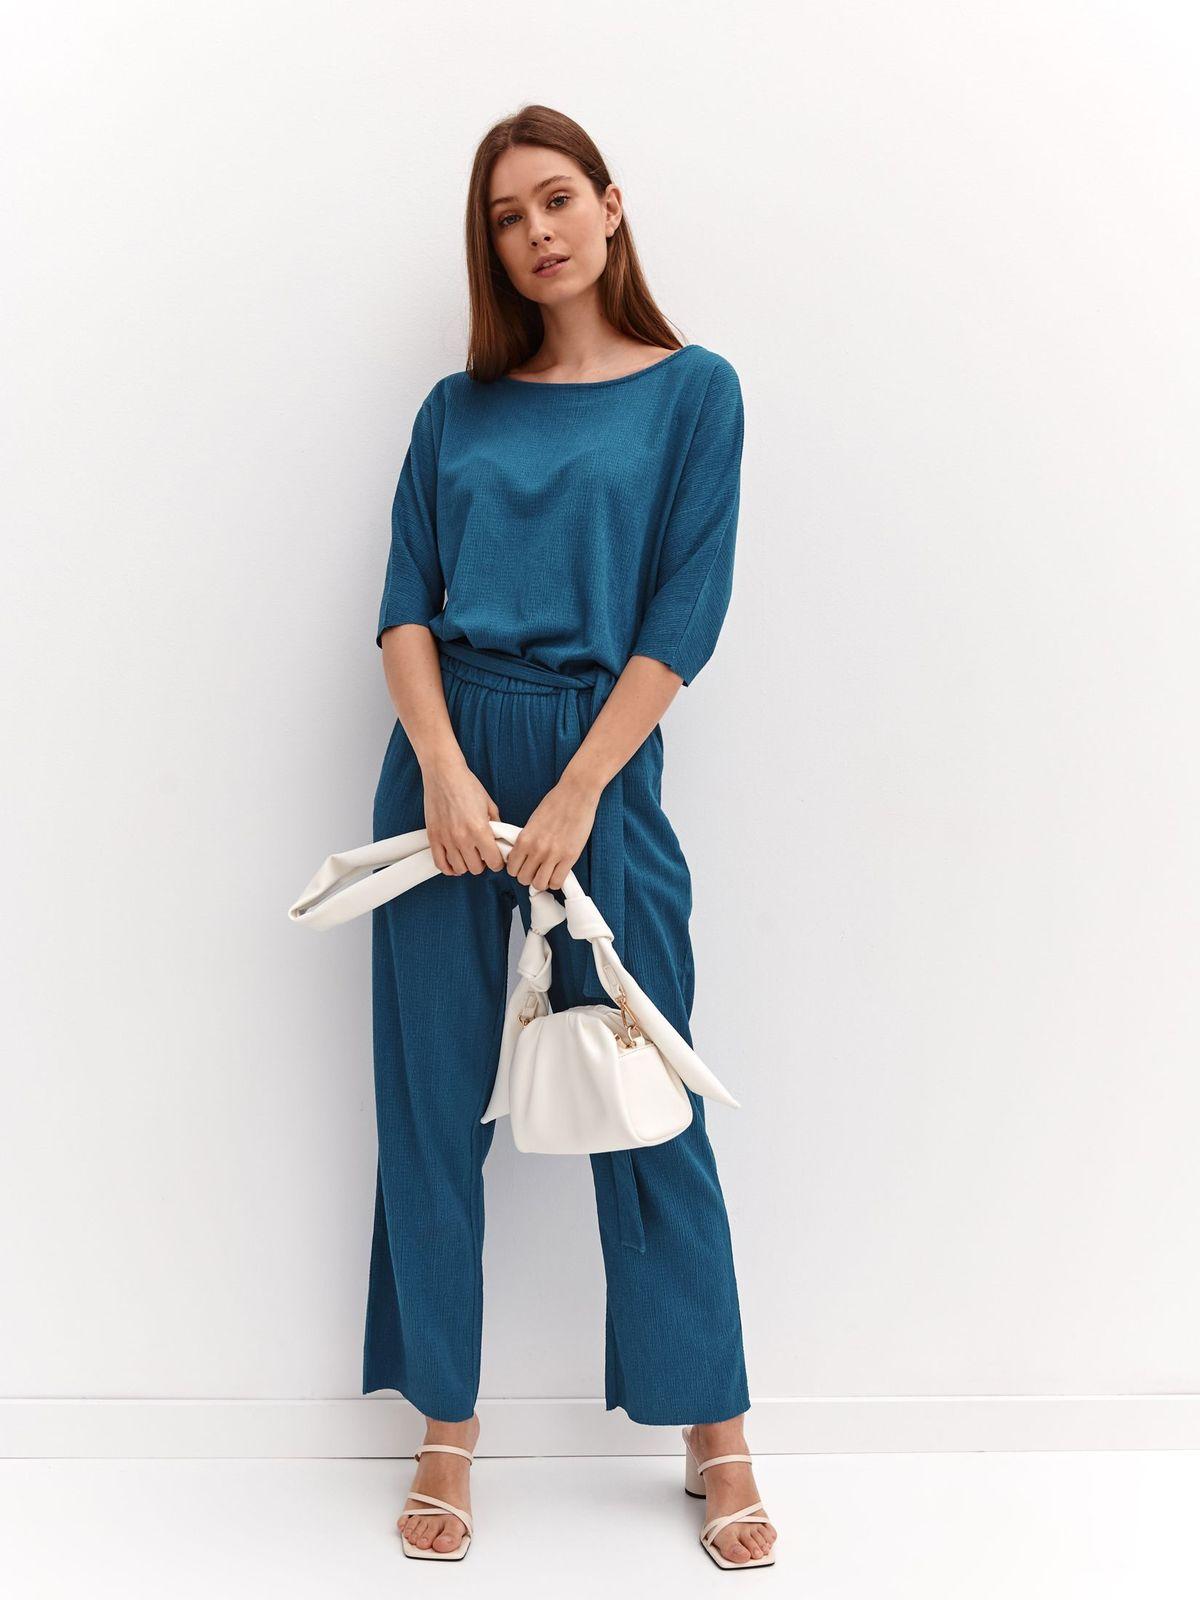 Salopeta Top Secret turcoaz din material elastic si texturat cu pantaloni evazati accesorizata cu cordon